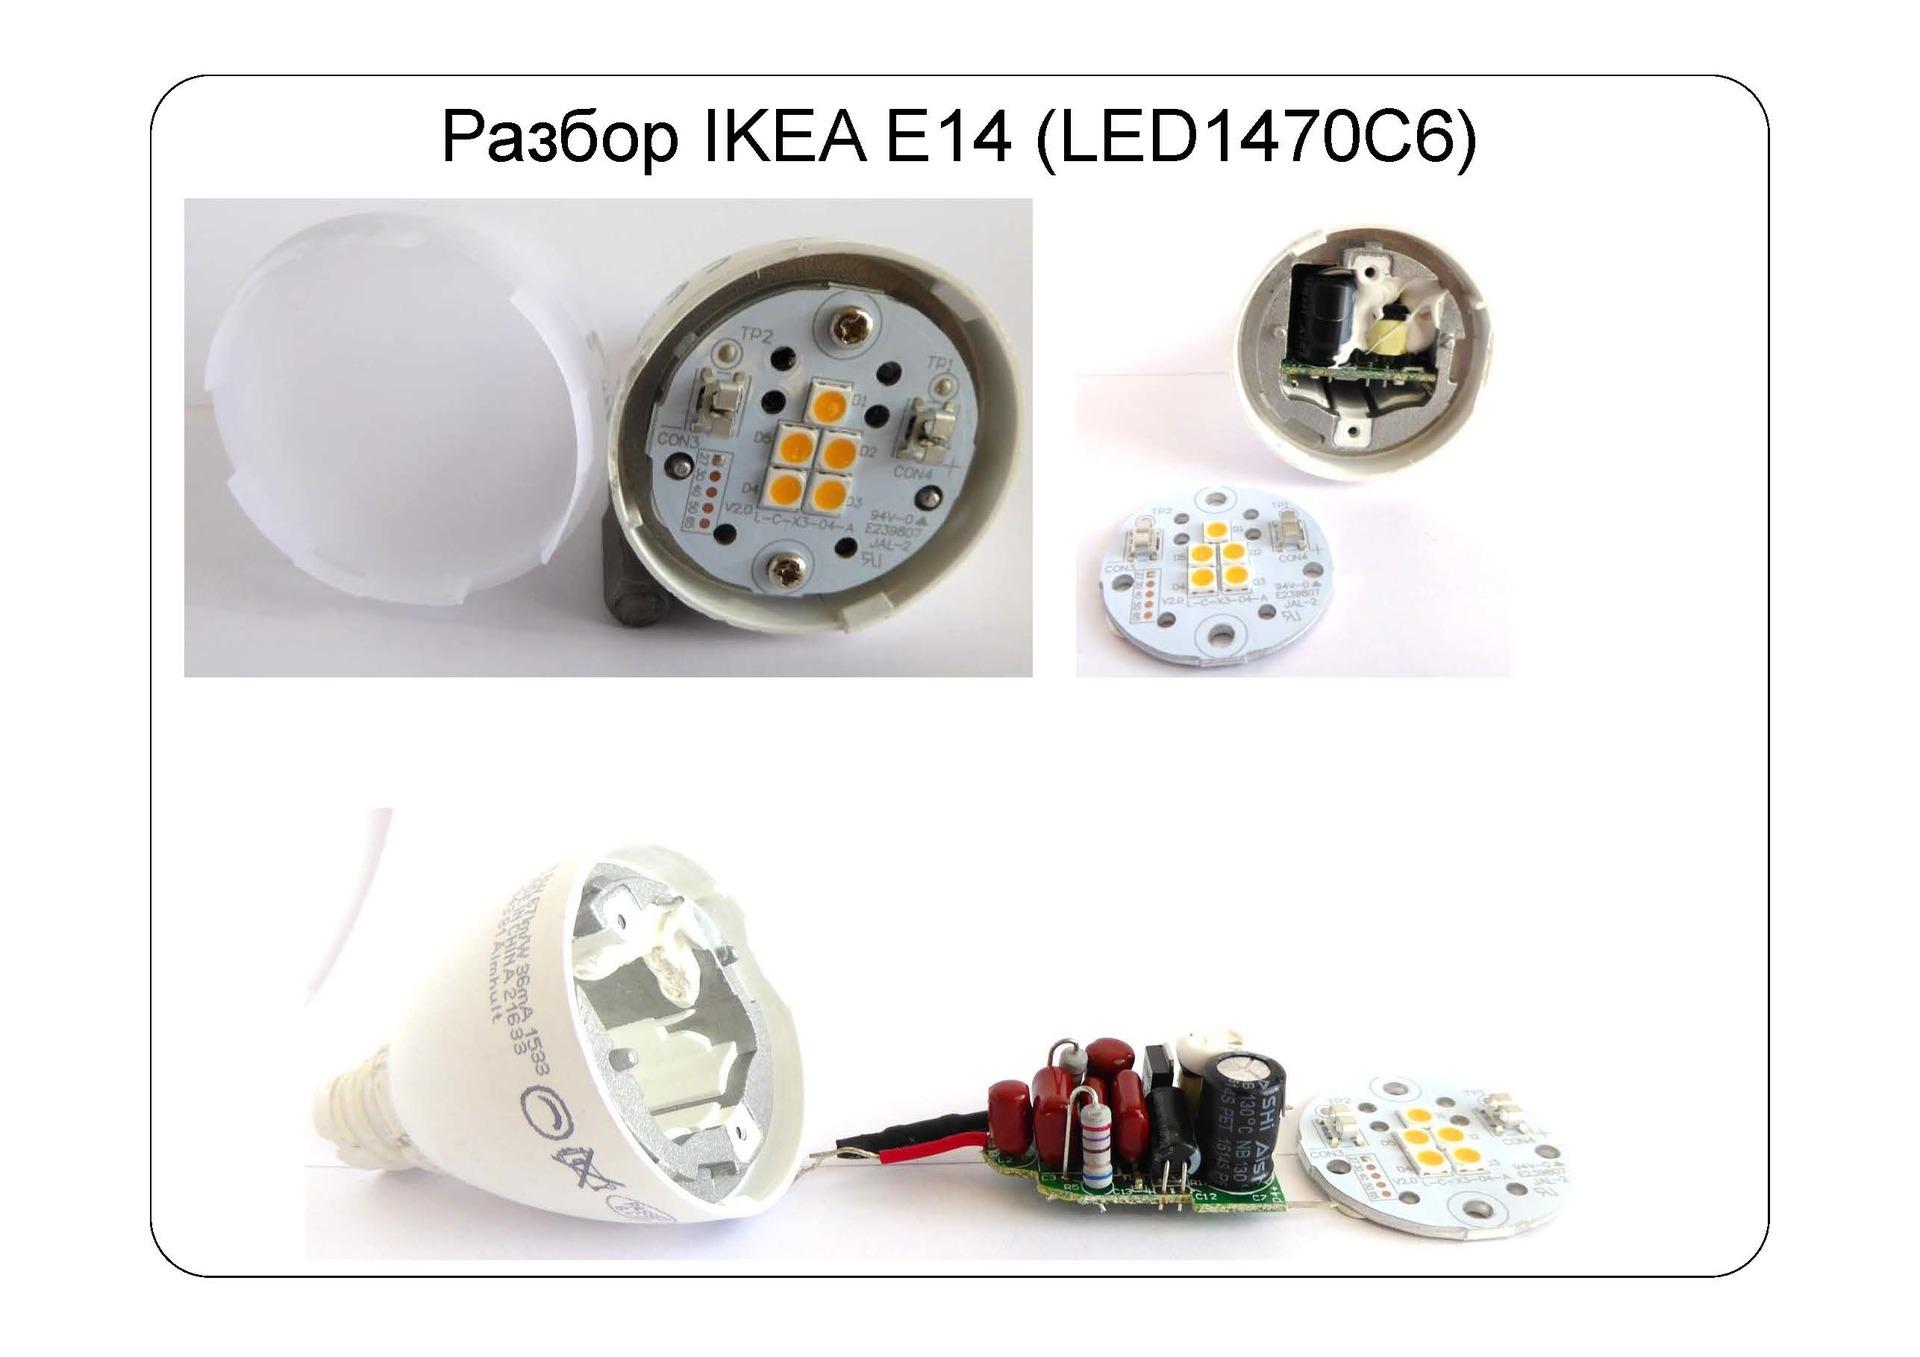 Взгляд изнутри: IKEA LED наносит ответный удар - 11